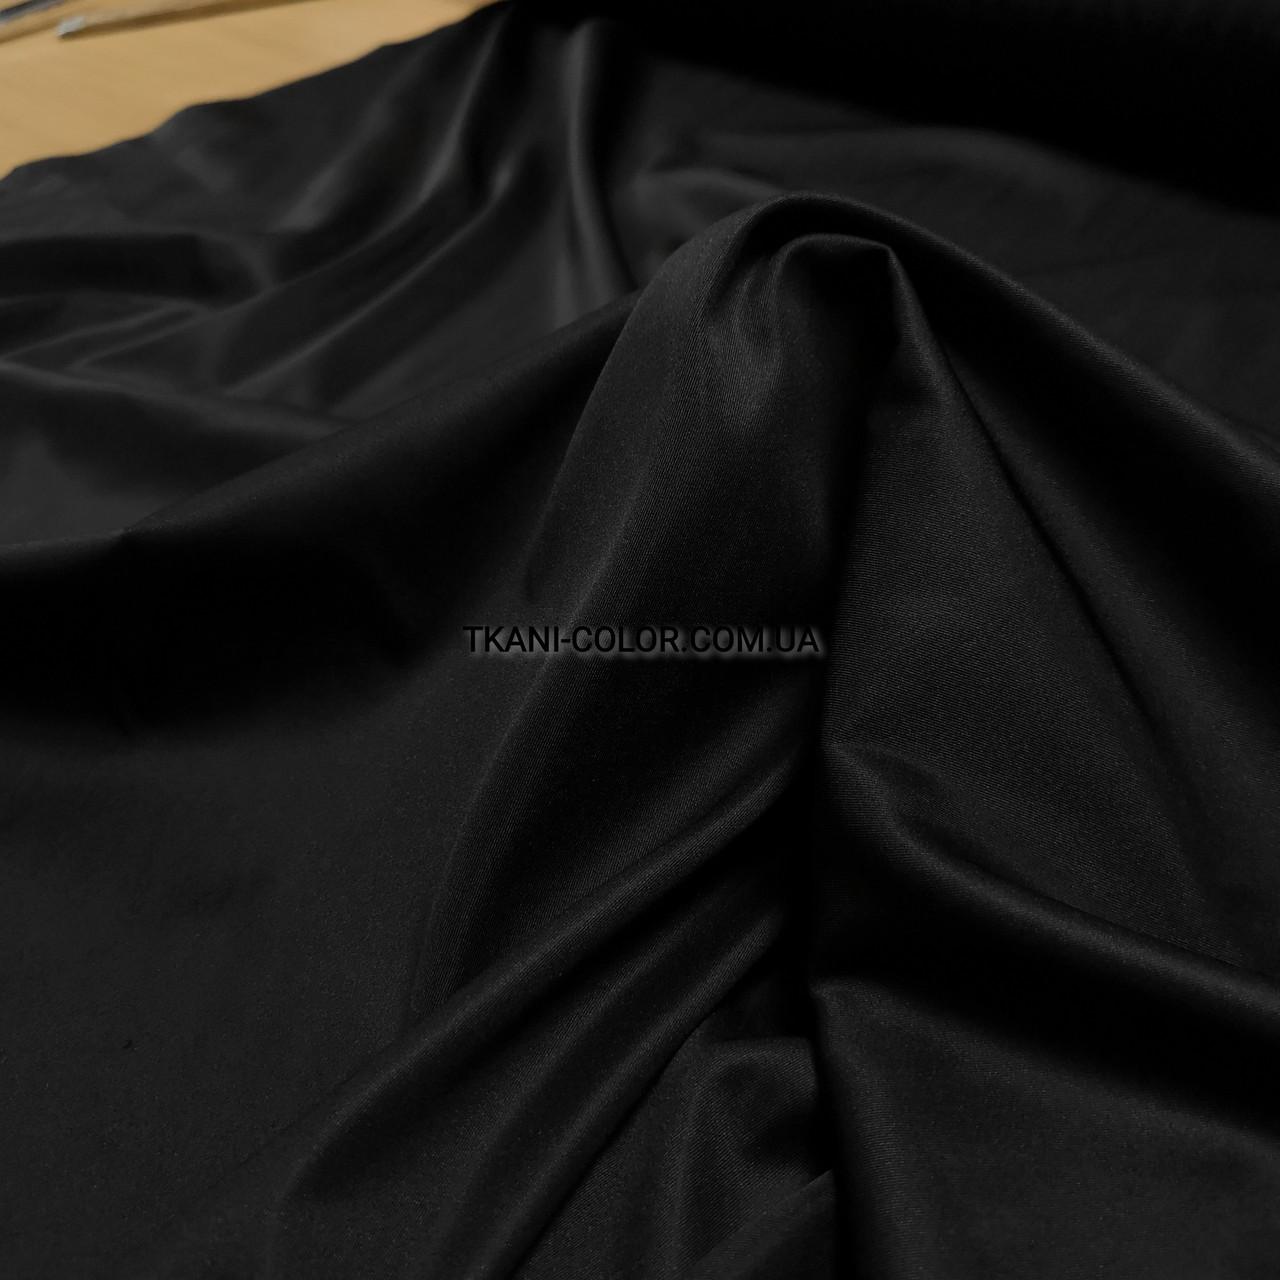 Костюмная ткань коттон мемори черный